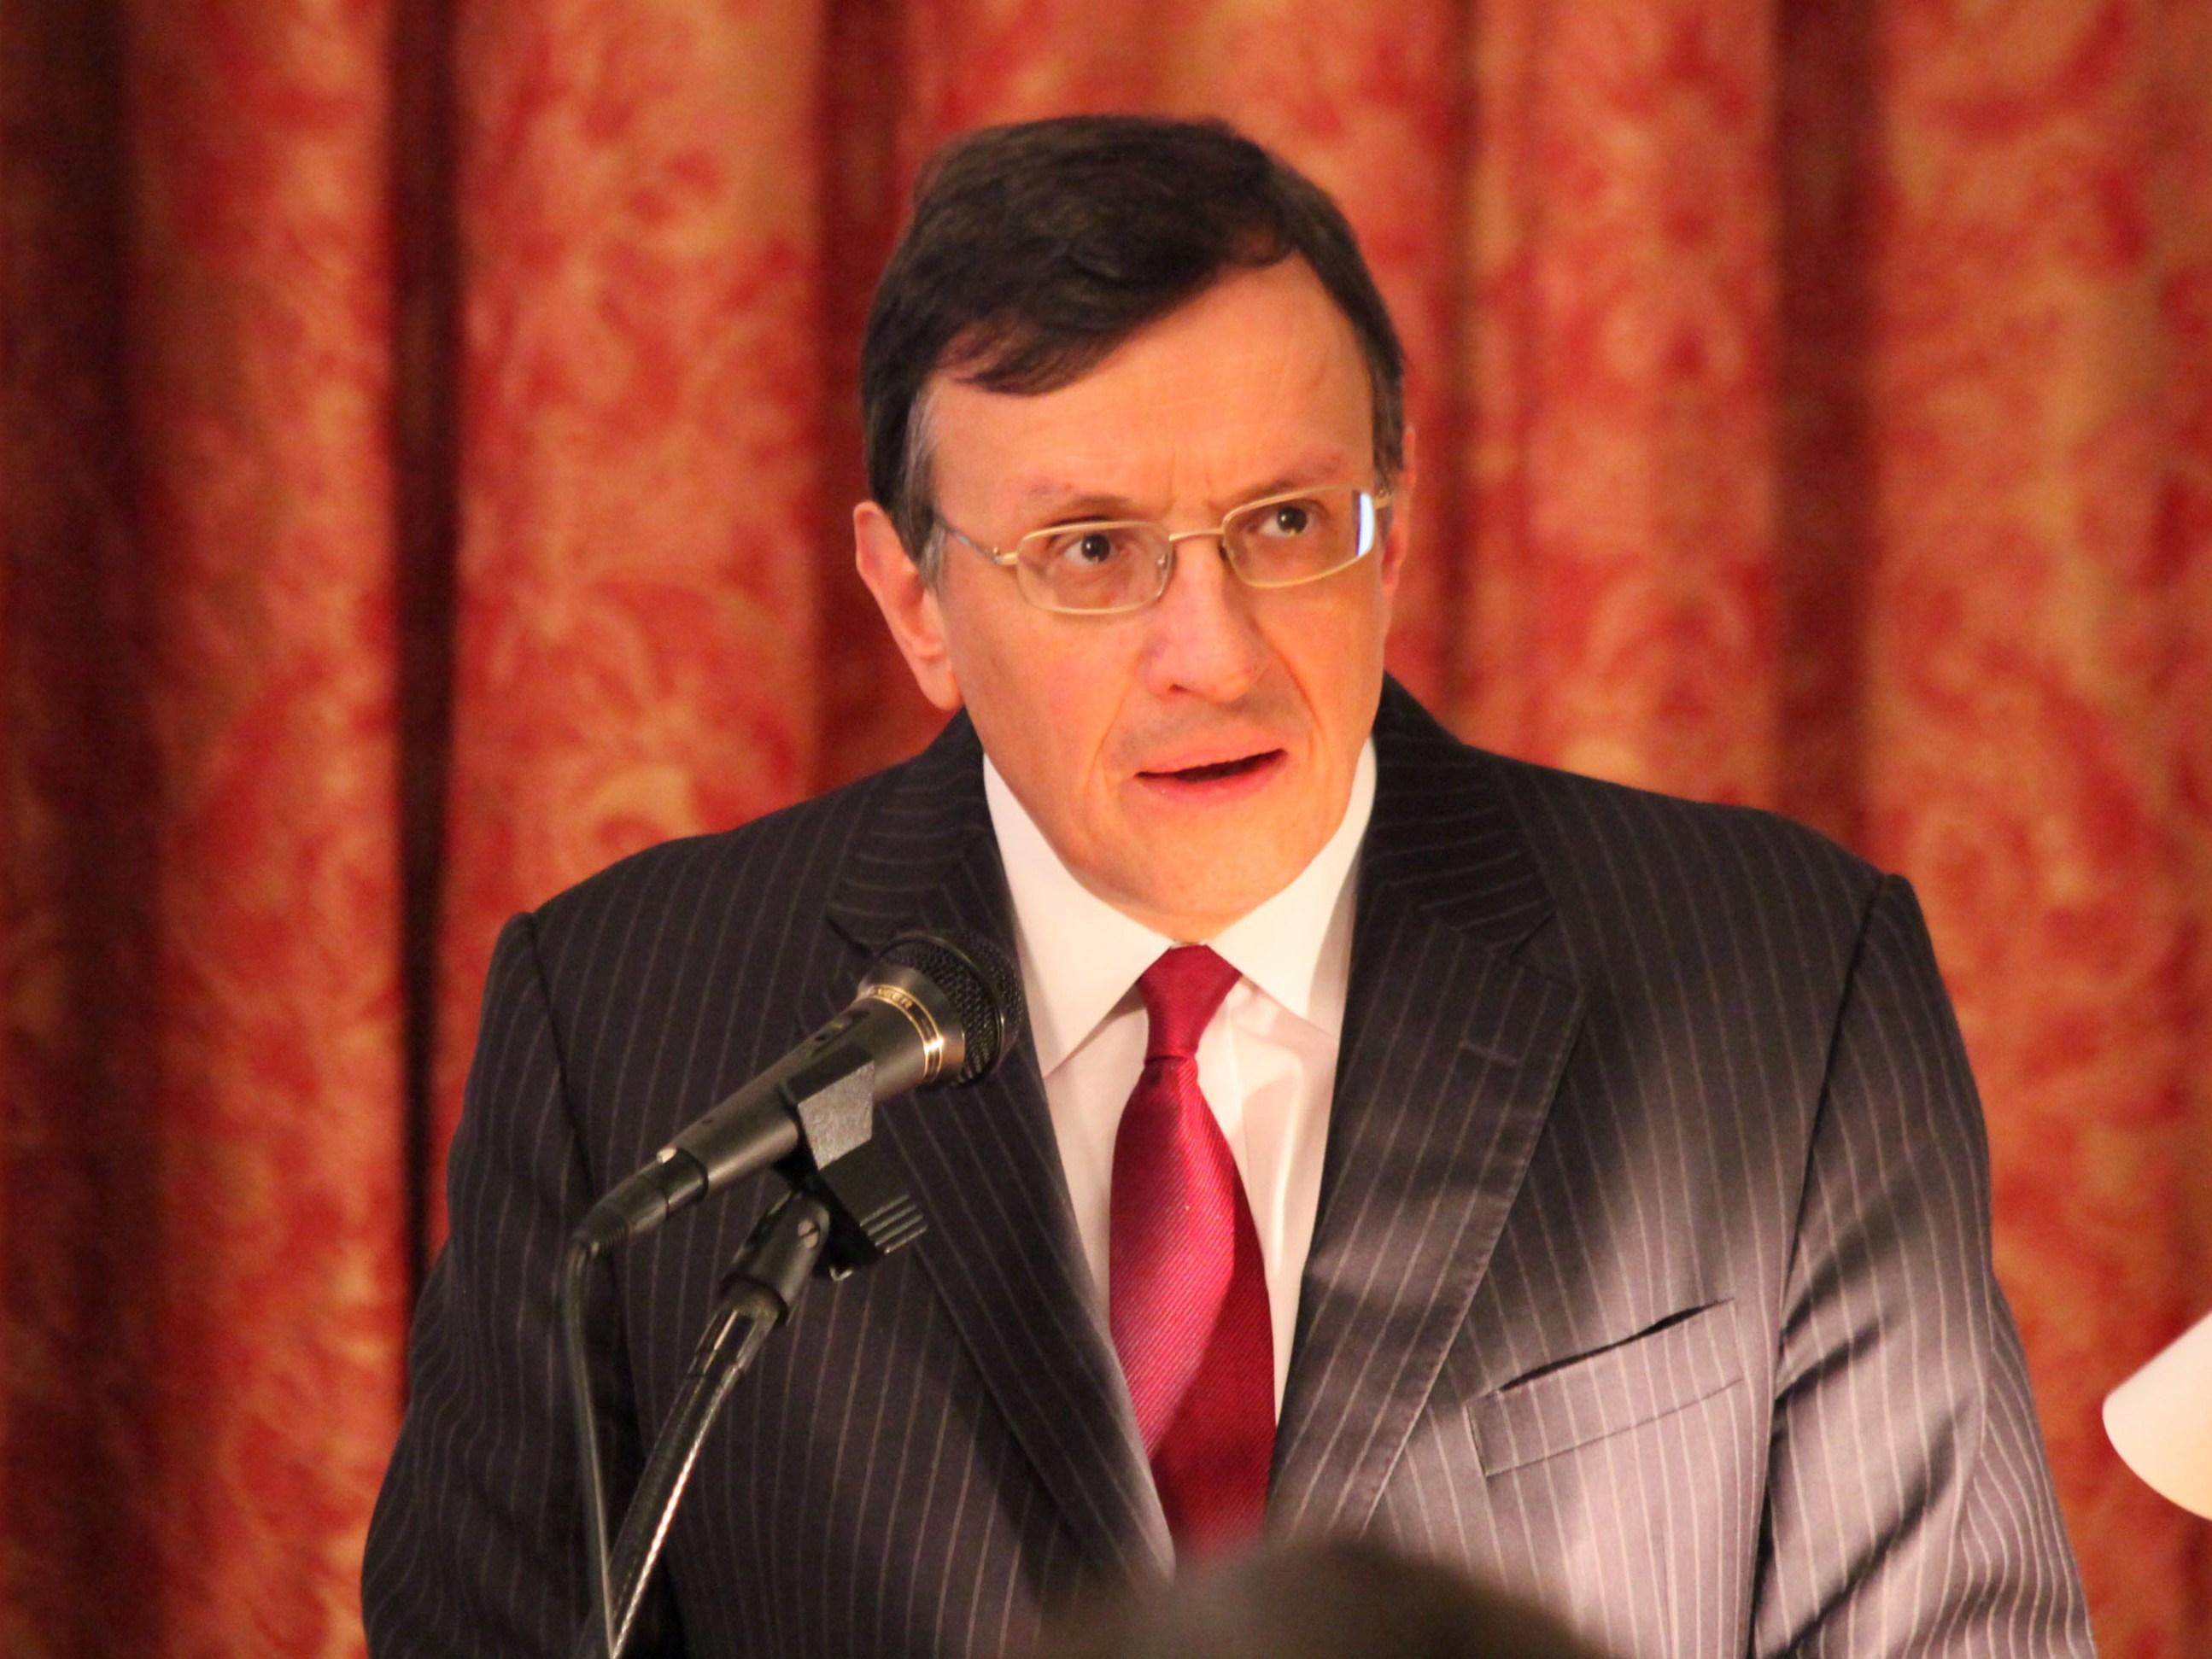 デイビッド・ウォレン 氏(駐日英国大使)